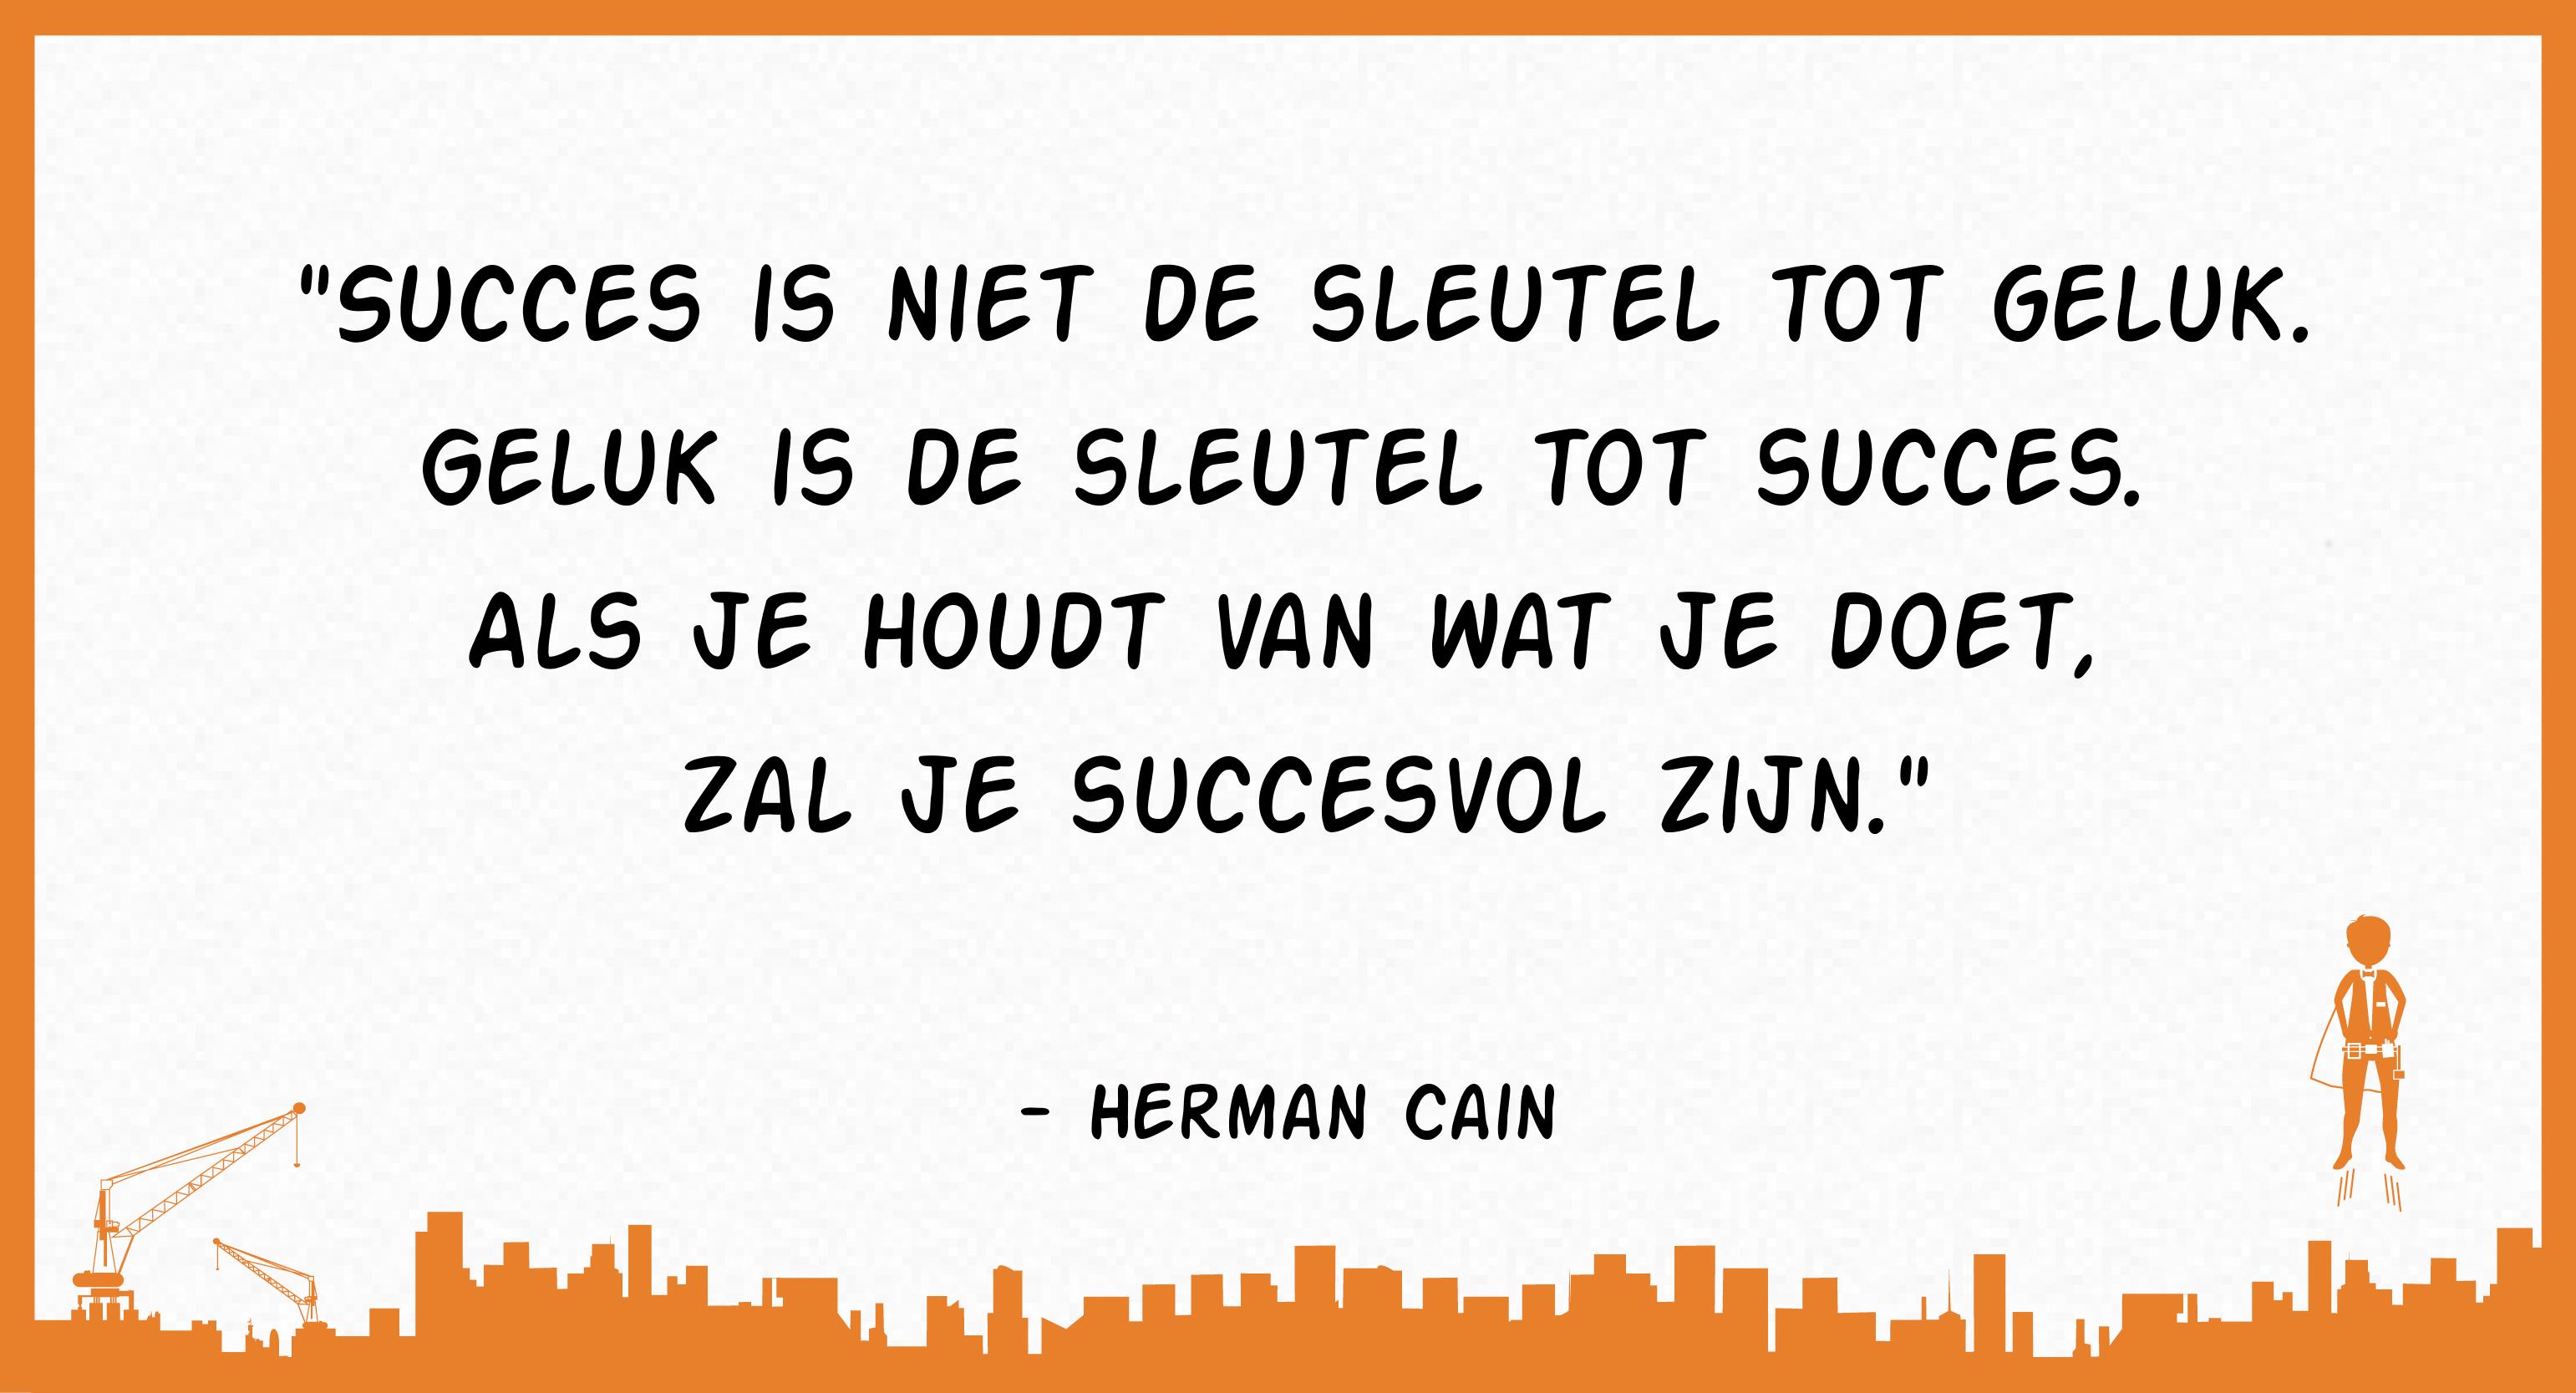 Succes is niet de sleutel tot geluk. Geluk is de sleutel tot succes. Als je houdt van wat je doet, zal je succesvol zijn. (Herman Cain)